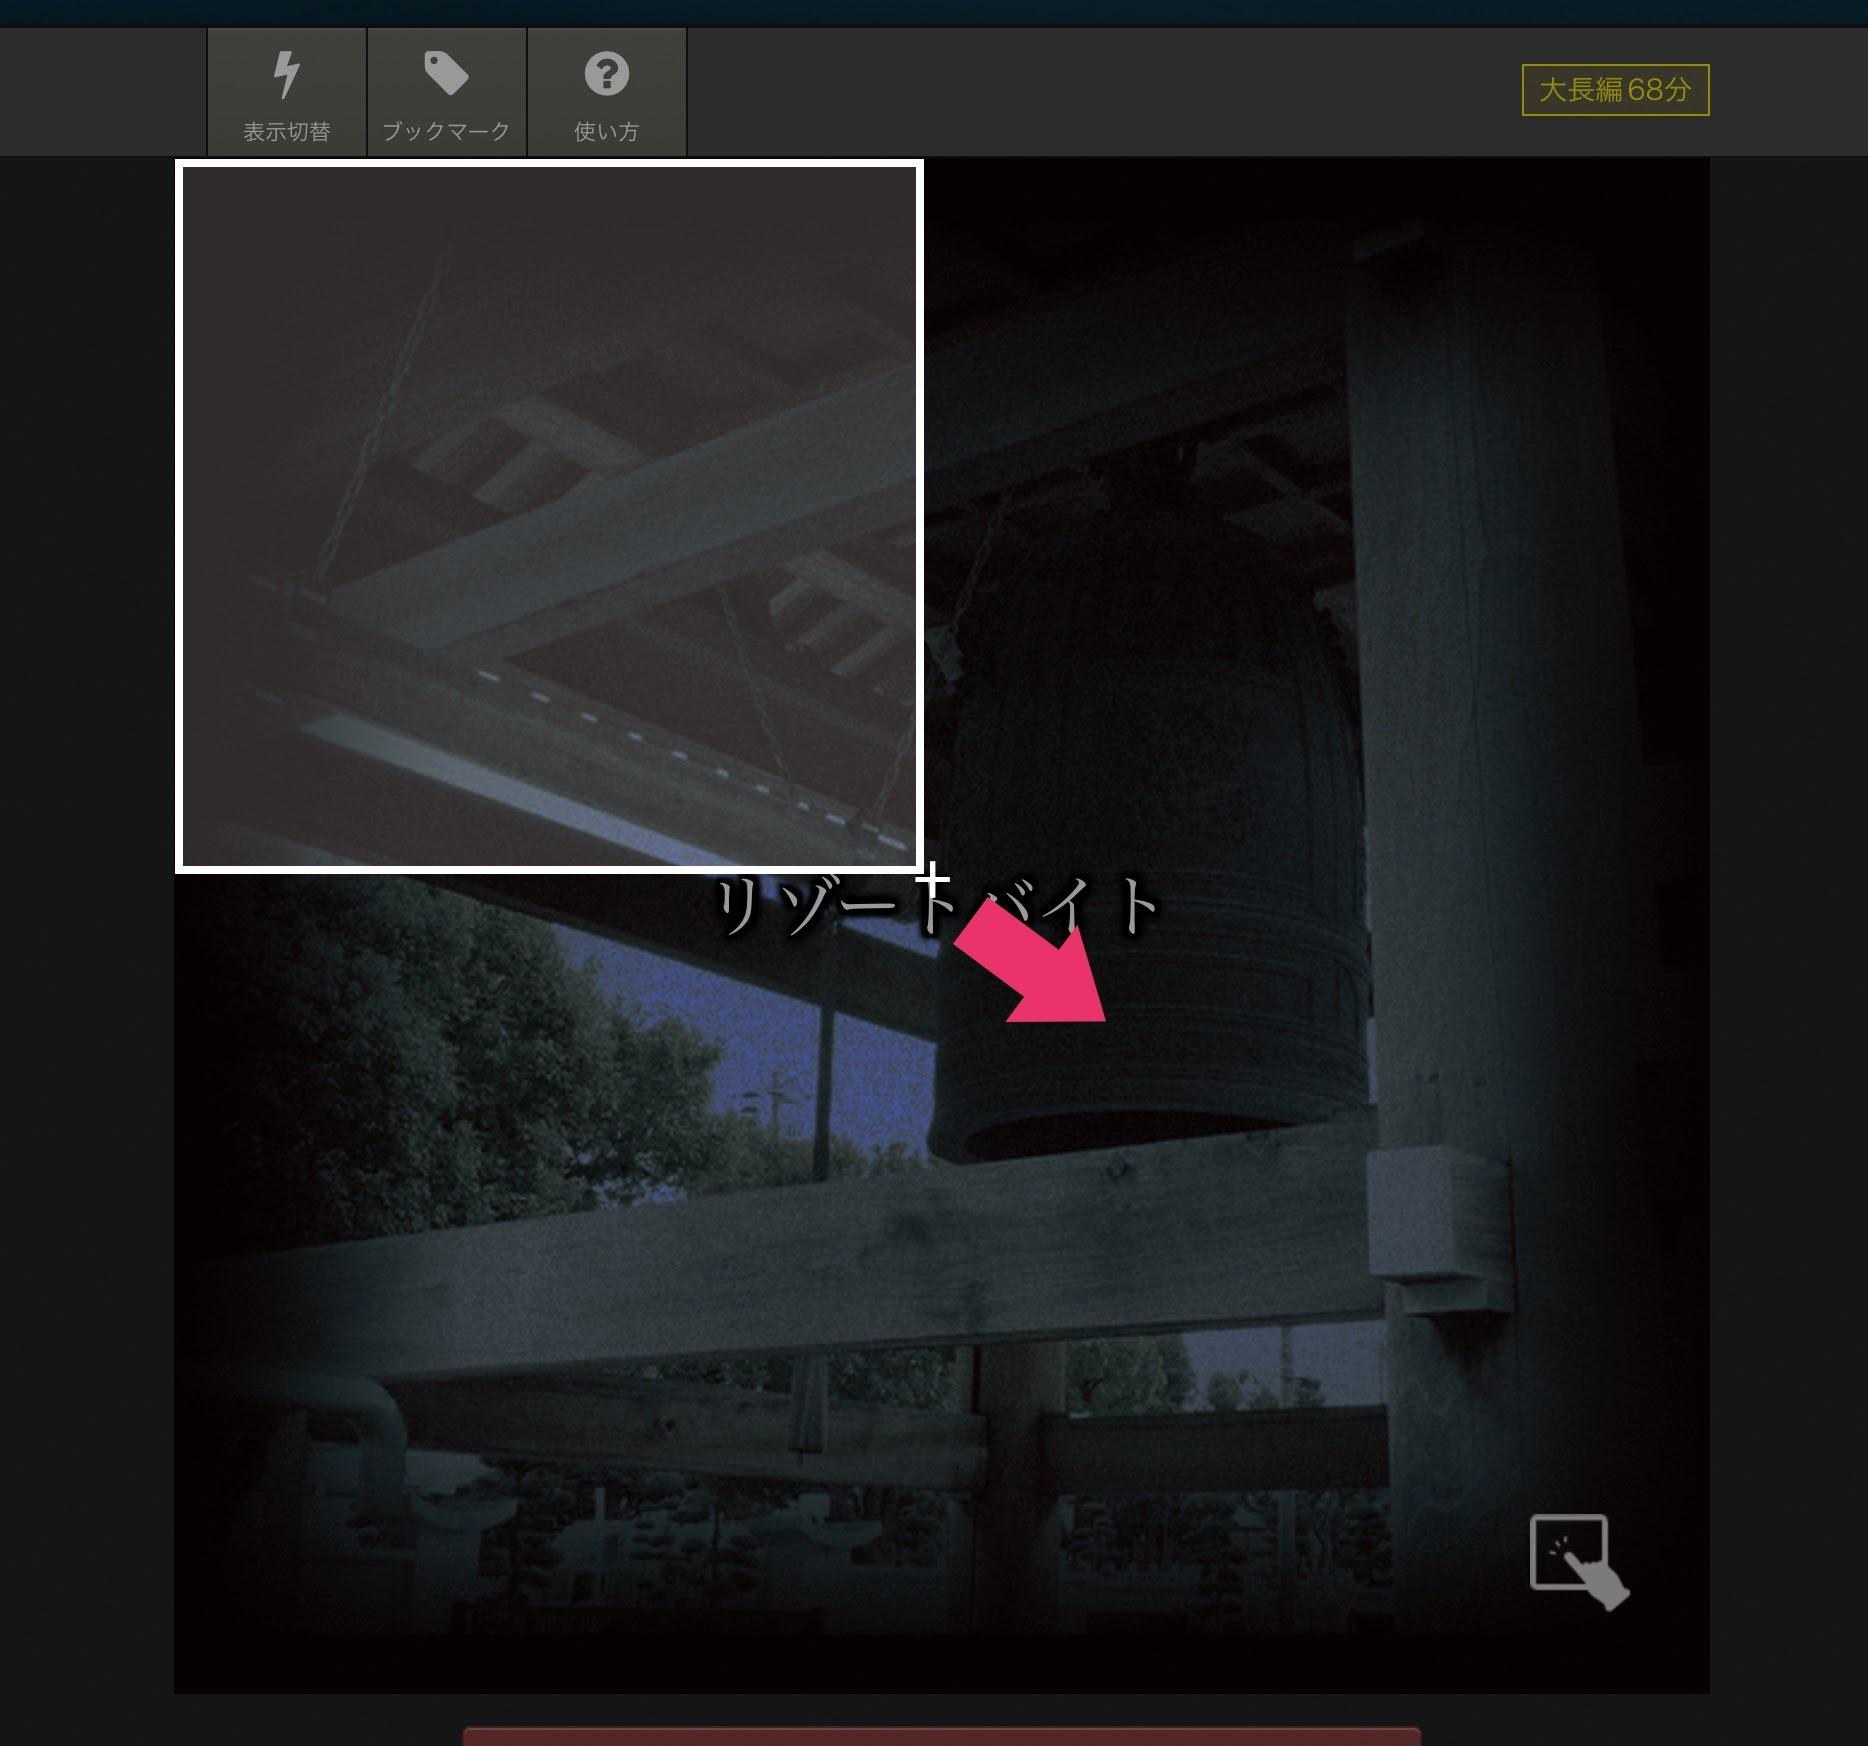 キャプチャ動画を撮りたい箇所 image md